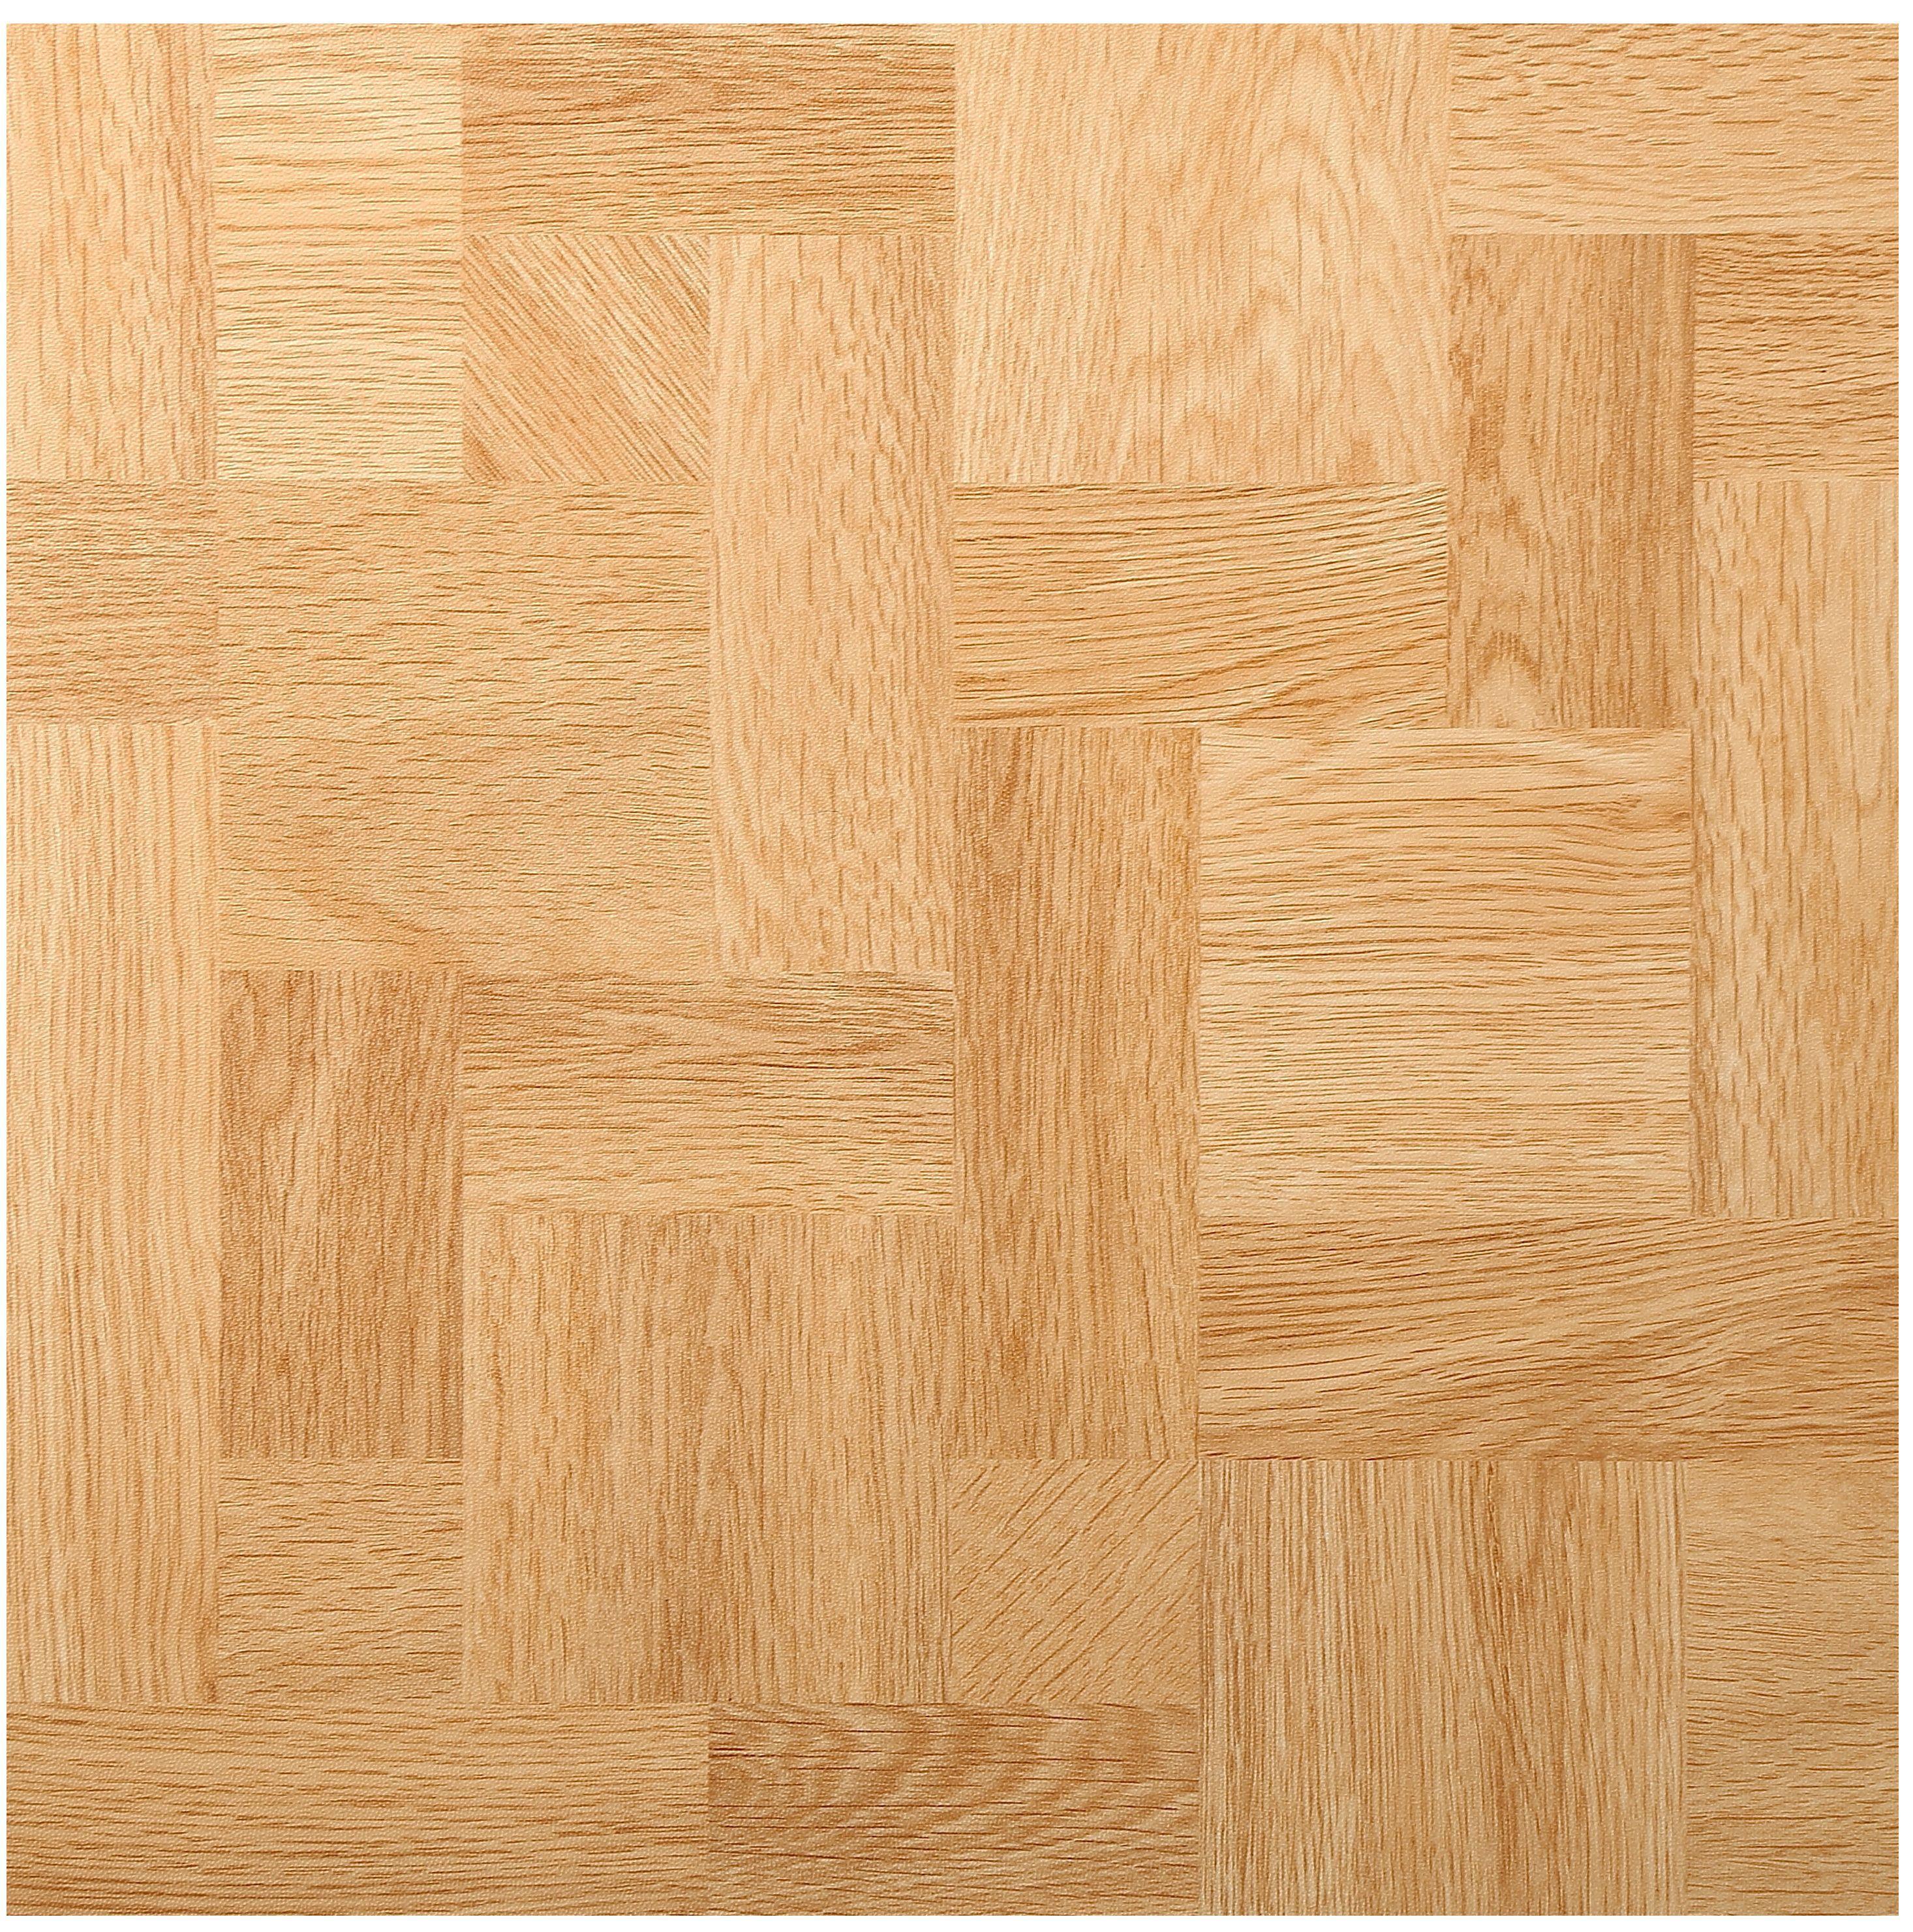 B&Q Natural Wood Effect Self Adhesive Vinyl Tile 1.02m²